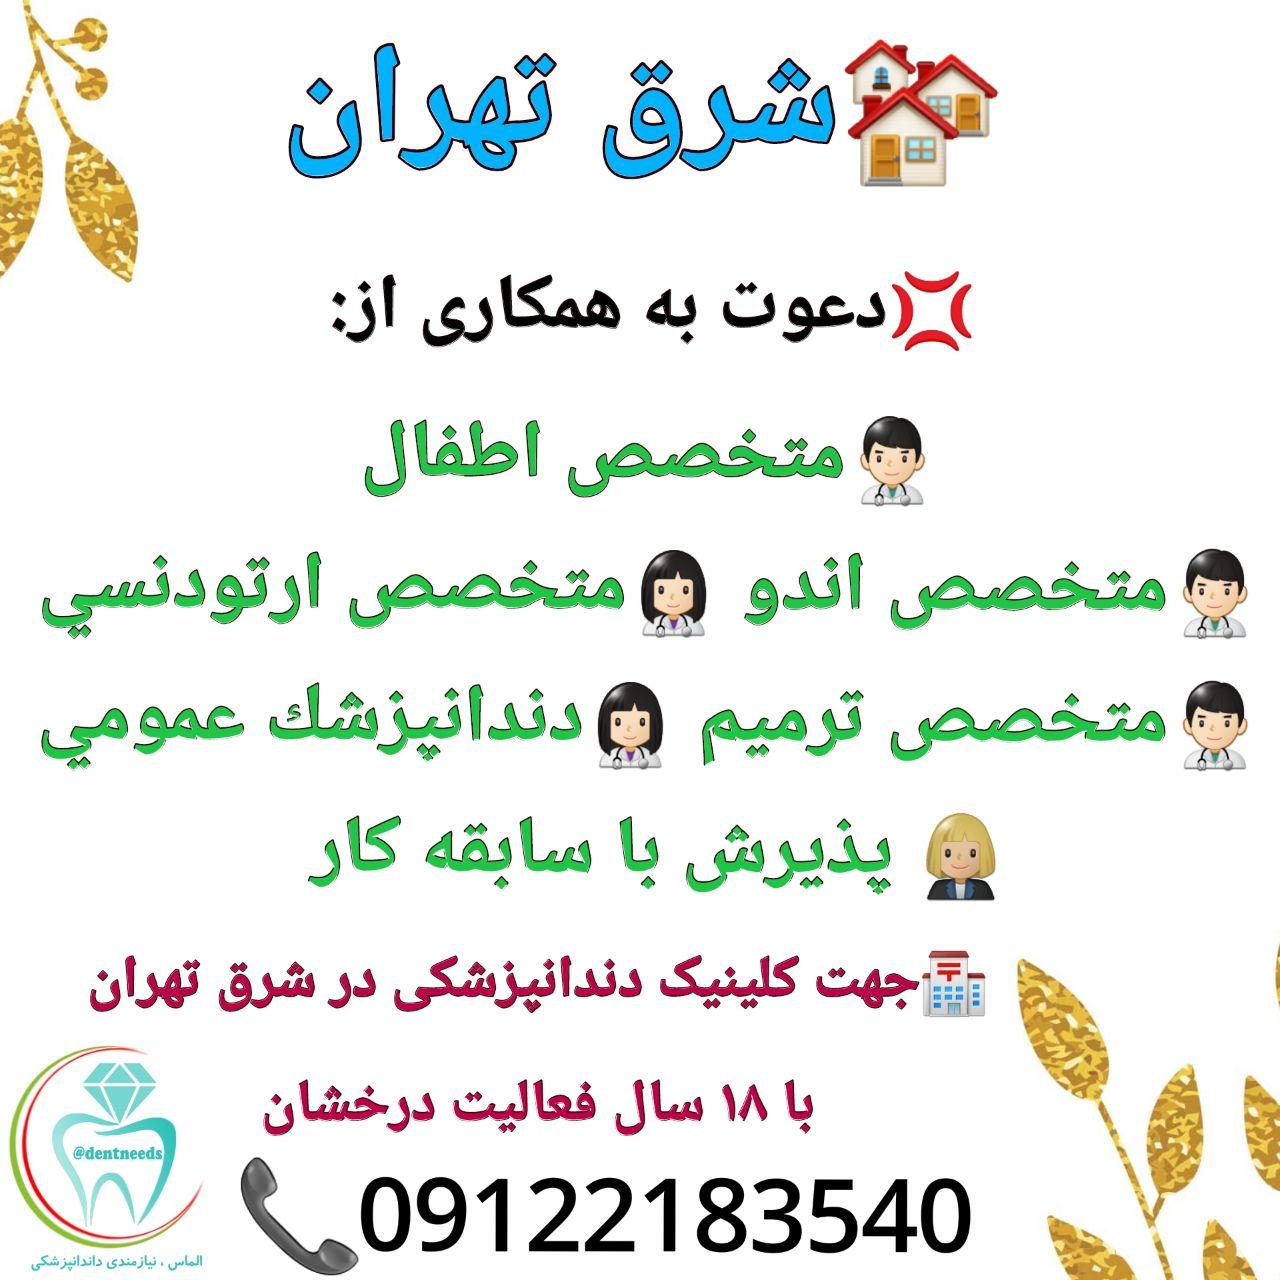 شرق تهران: نیاز به متخصص اطفال، متخصص اندو، متخصص ارتودنسی، متخصص ترمیم، دندانپزشک عمومی، و پذیرش با سابقه کار